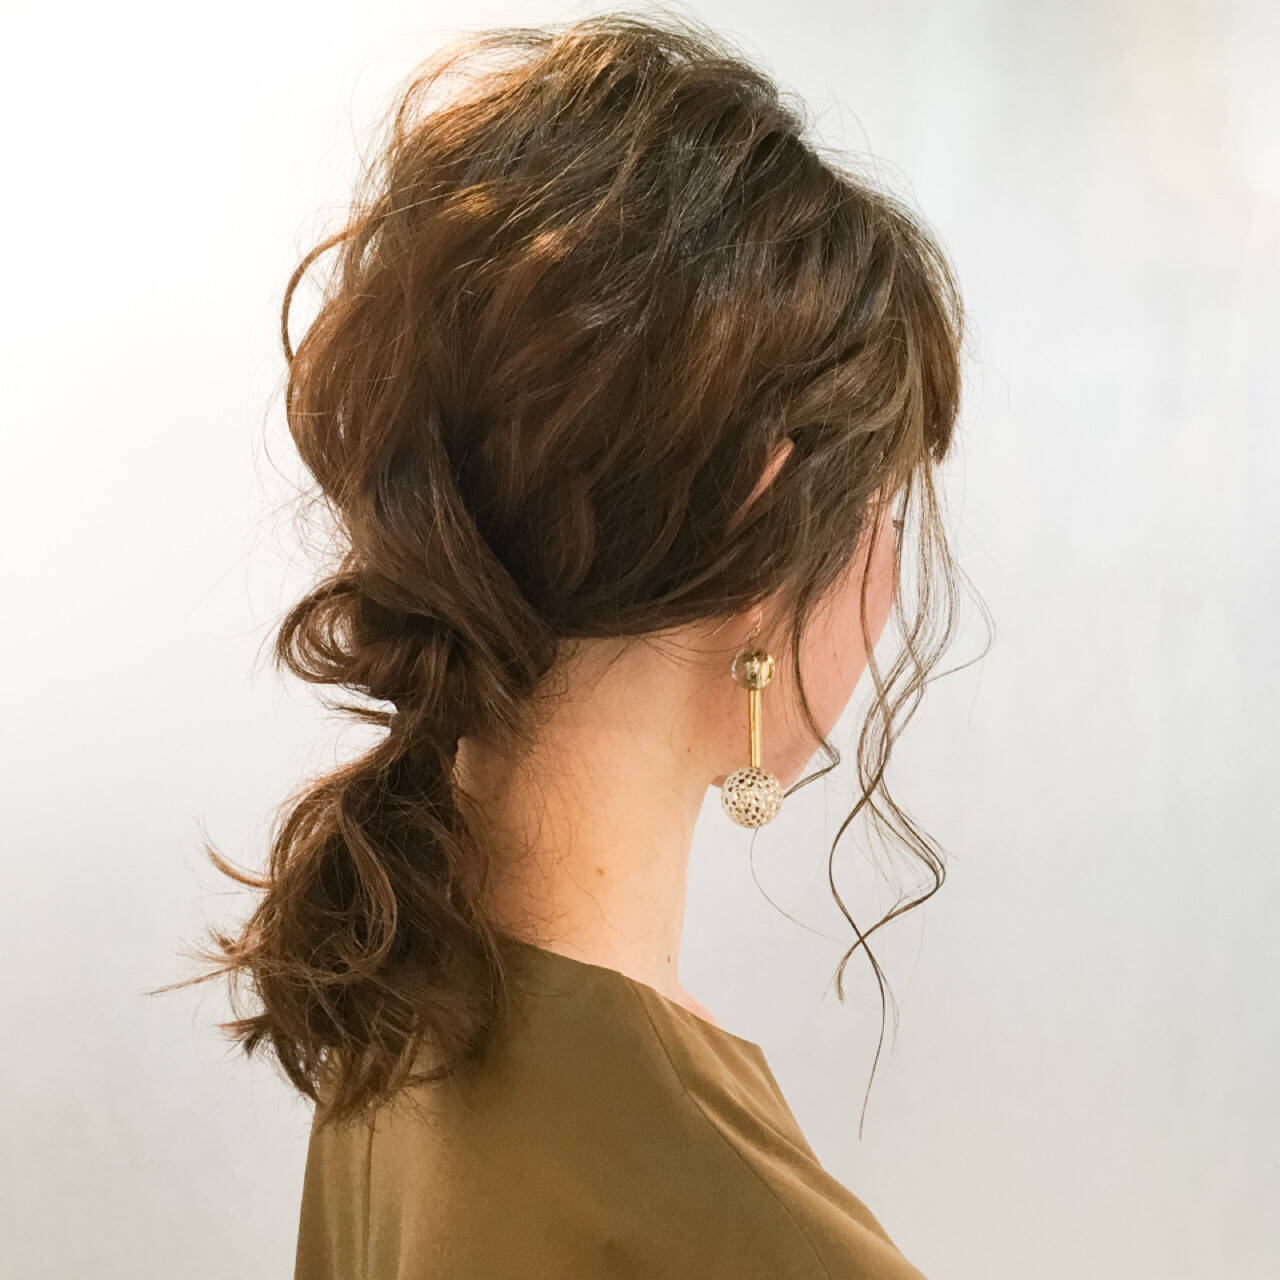 ハーフアップ ミディアム 簡単ヘアアレンジ 外国人風ヘアスタイルや髪型の写真・画像